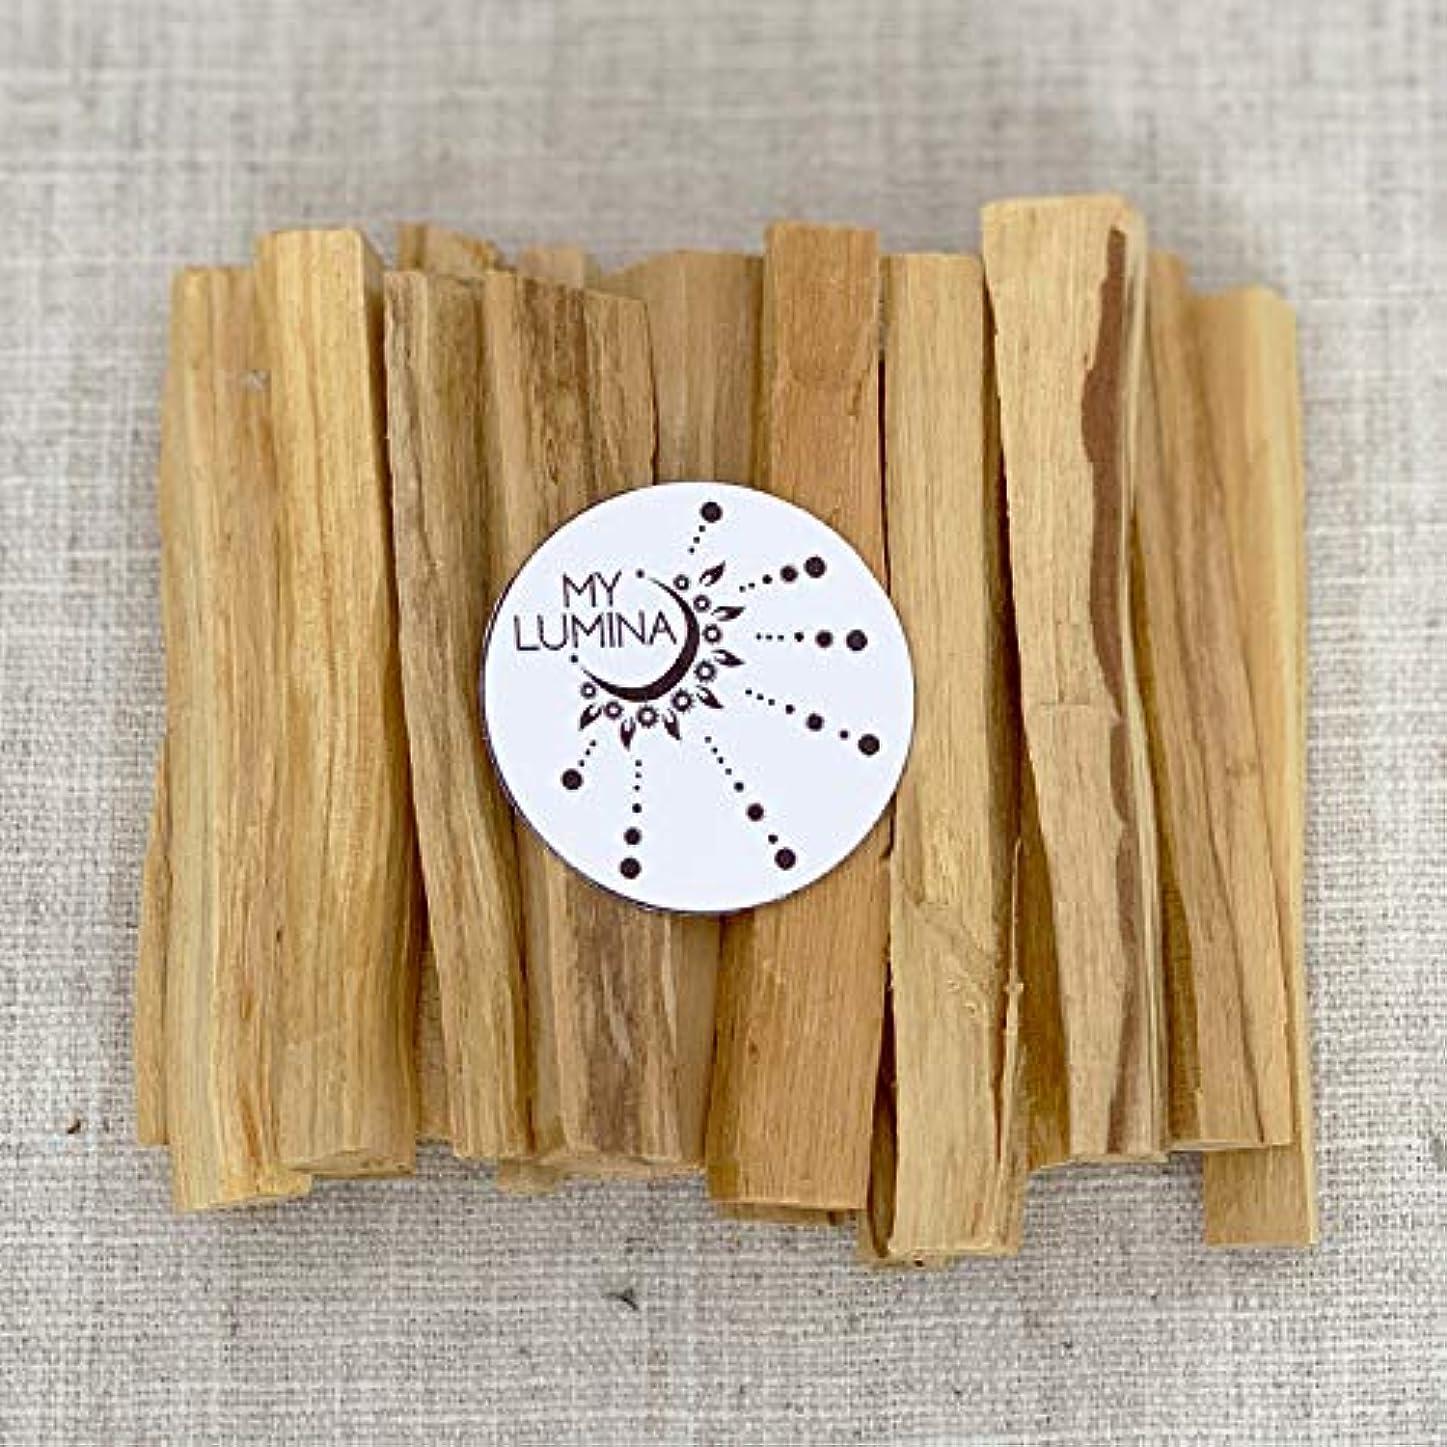 その後教練習パロサントスティック パロサント 聖なる木のお香スティック 浄化 癒し スマッジングチャクラバランス 幸運 瞑想 6 Pack, 12 Pack, 20 Pack